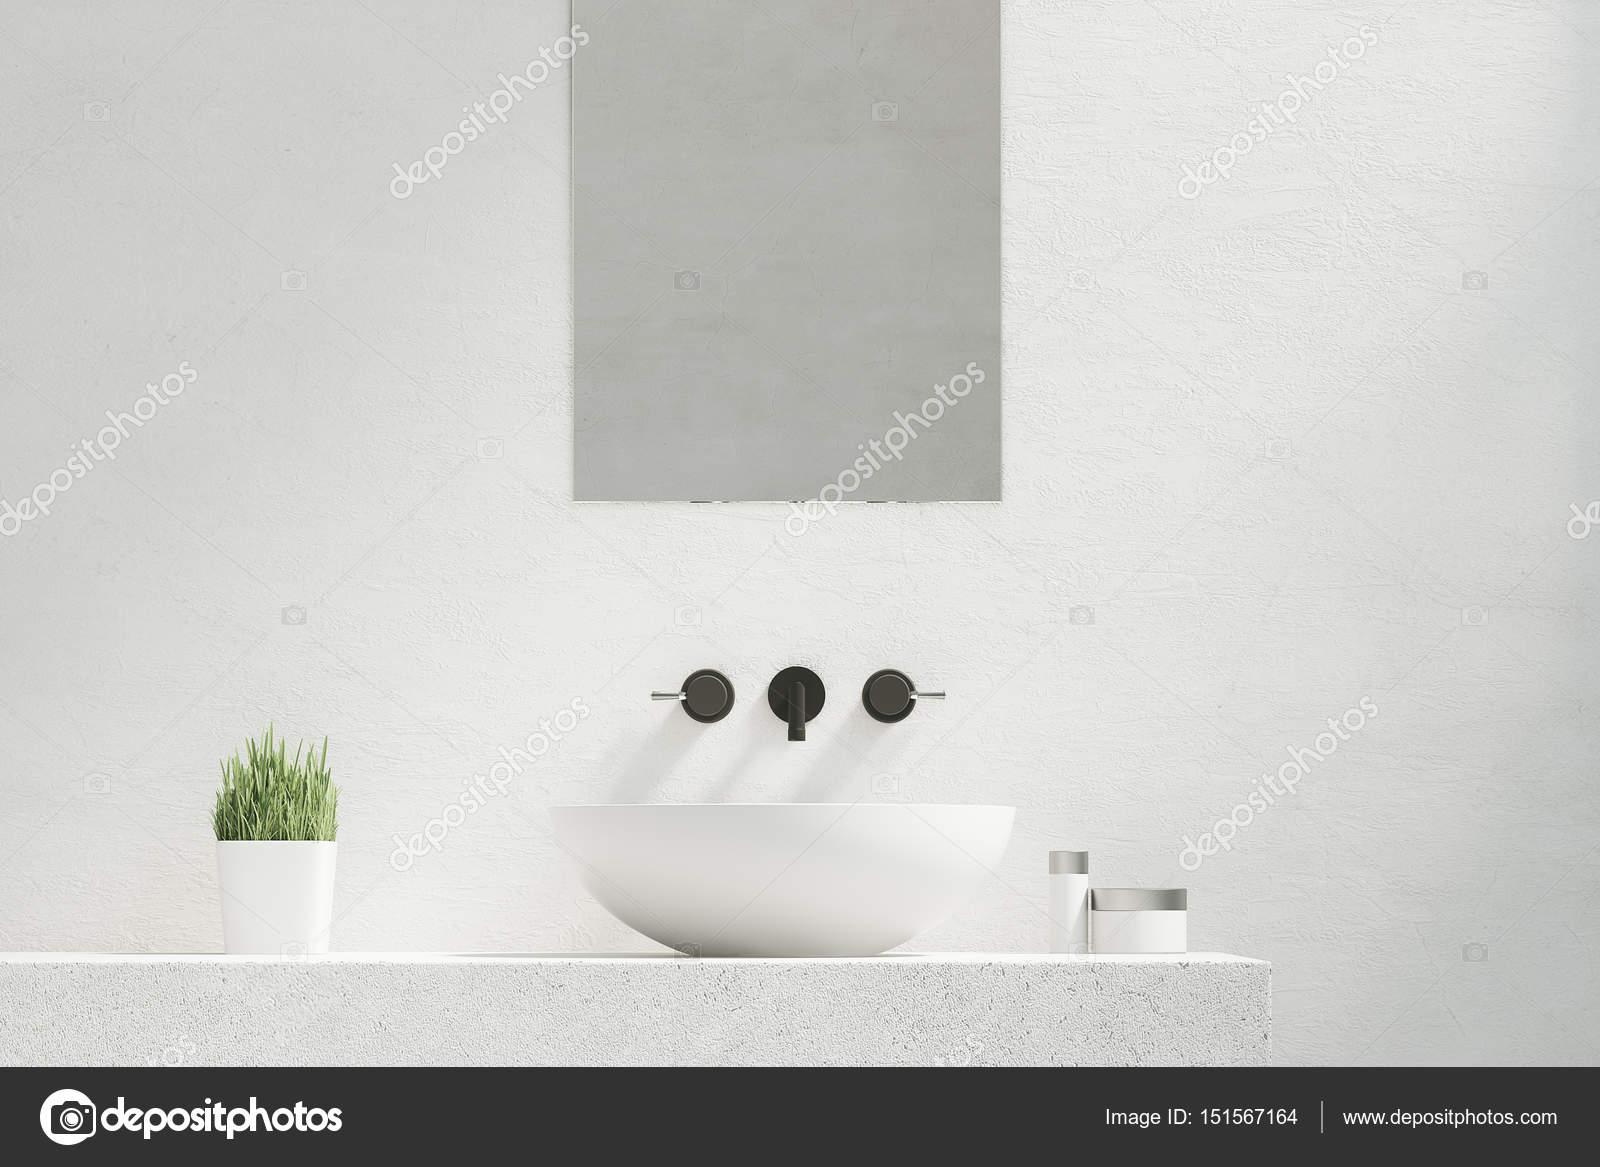 Badkamer Wasbak Kom : Badkamer wastafel met spiegel u stockfoto denisismagilov